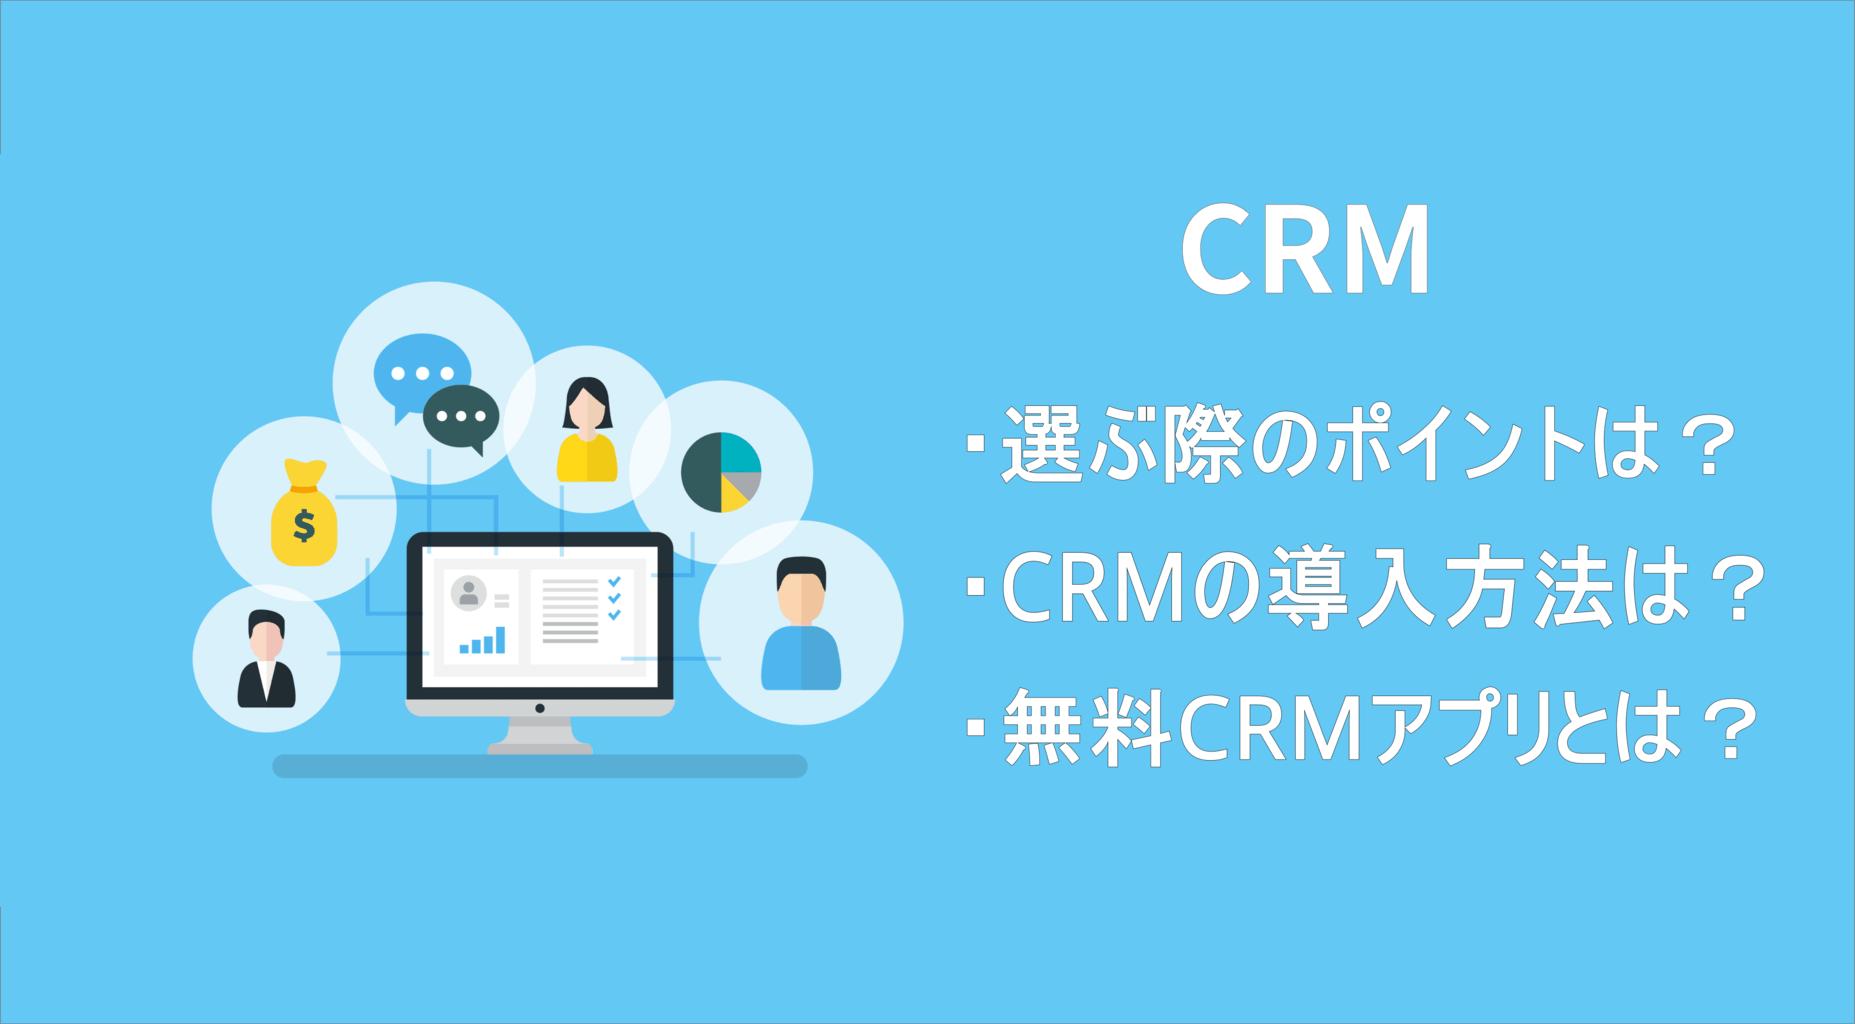 無料で使えるおすすめのCRMアプリとは?CRMを選ぶ際のポイントや導入手順も紹介!のアイキャッチ画像(編集版)